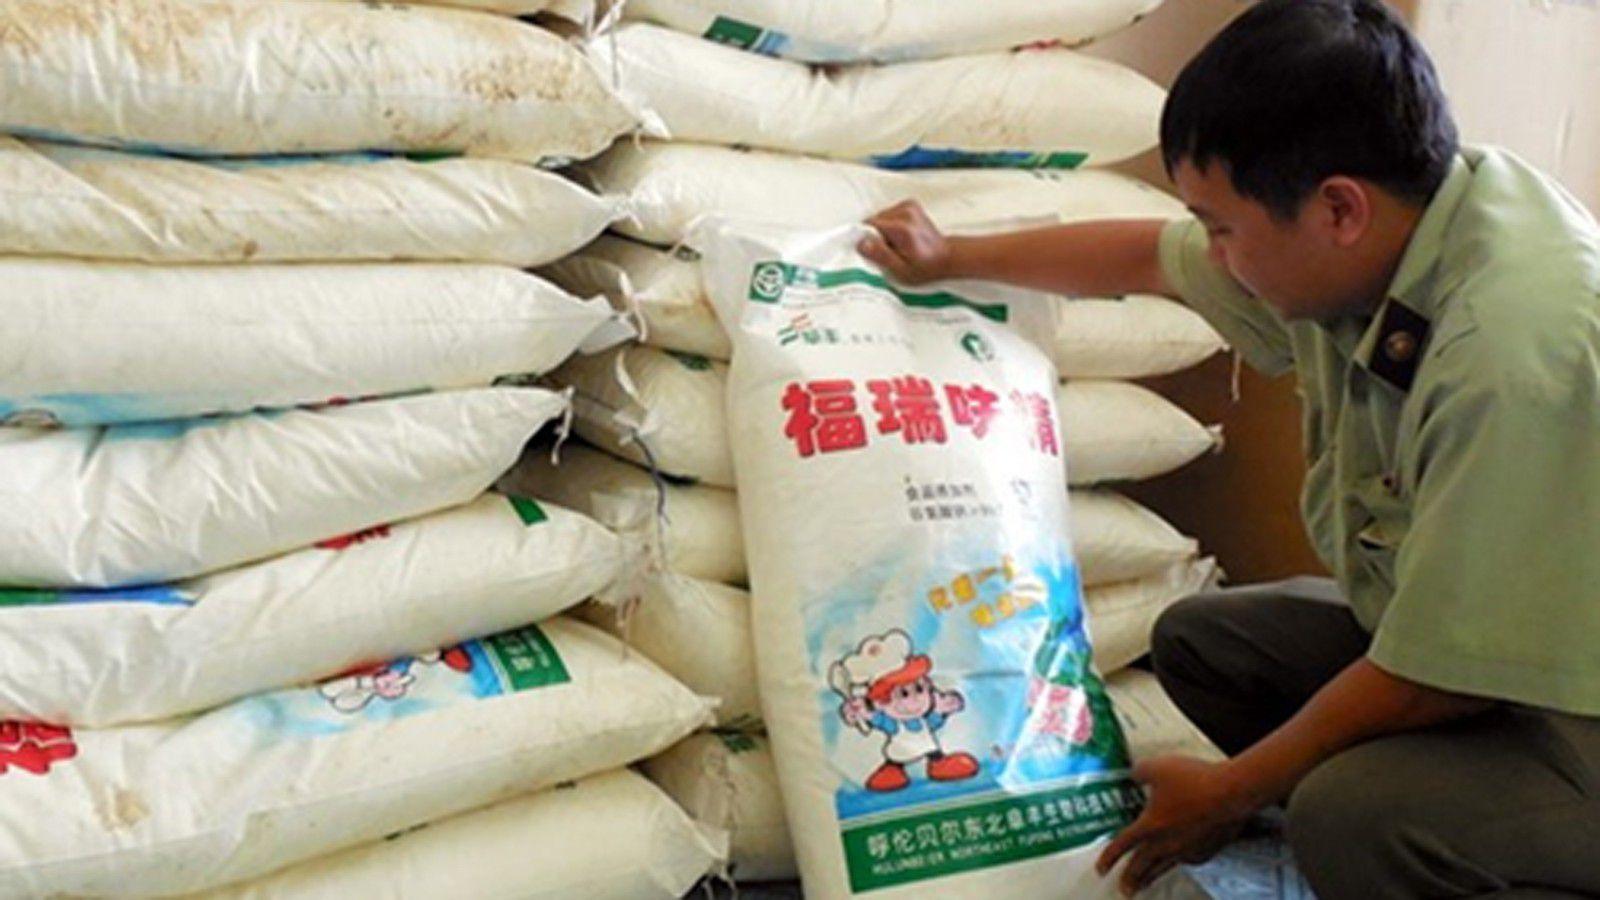 Thêm mặt hàng xuất xứ Trung Quốc vào diện điều tra bán phá giá